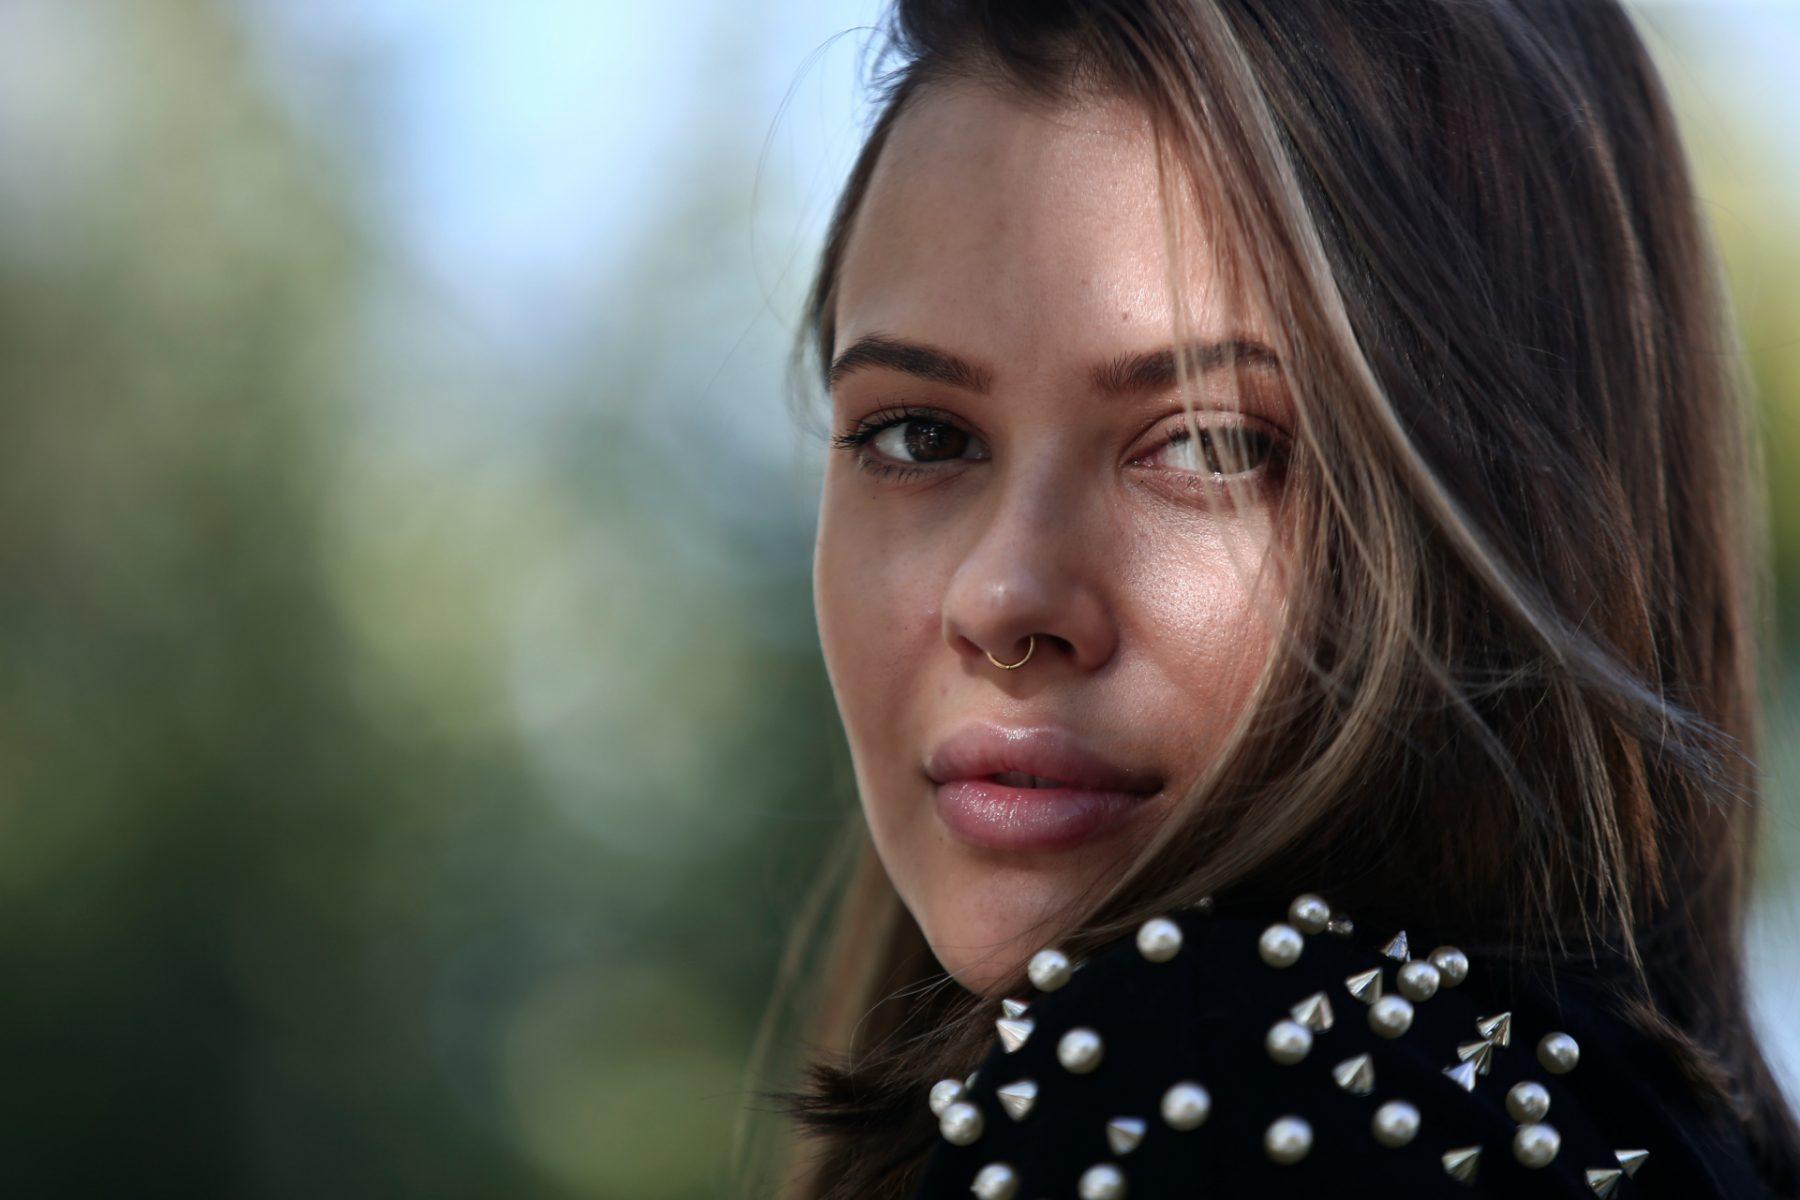 Λάουρα Νάργες: αυτή είναι η κούκλα αδερφή της παρουσιάστριας (φωτογραφίες)